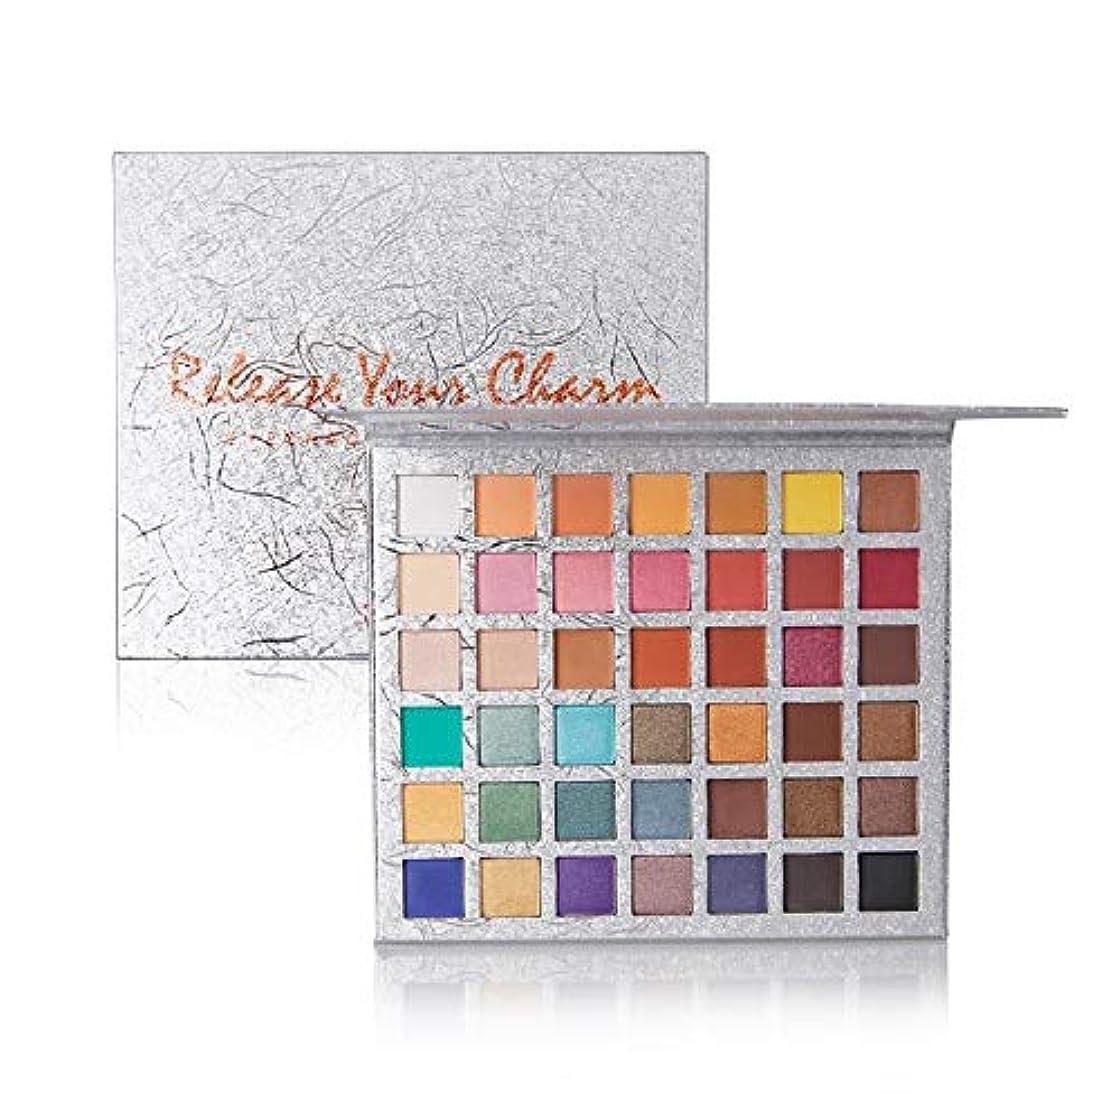 指定アドバンテージ大きなスケールで見ると42 Colors Eyeshadow Pallete Glitter Makeup Matte Eye shadow Long-lasting Make Up Palette Maquillage Paleta De...